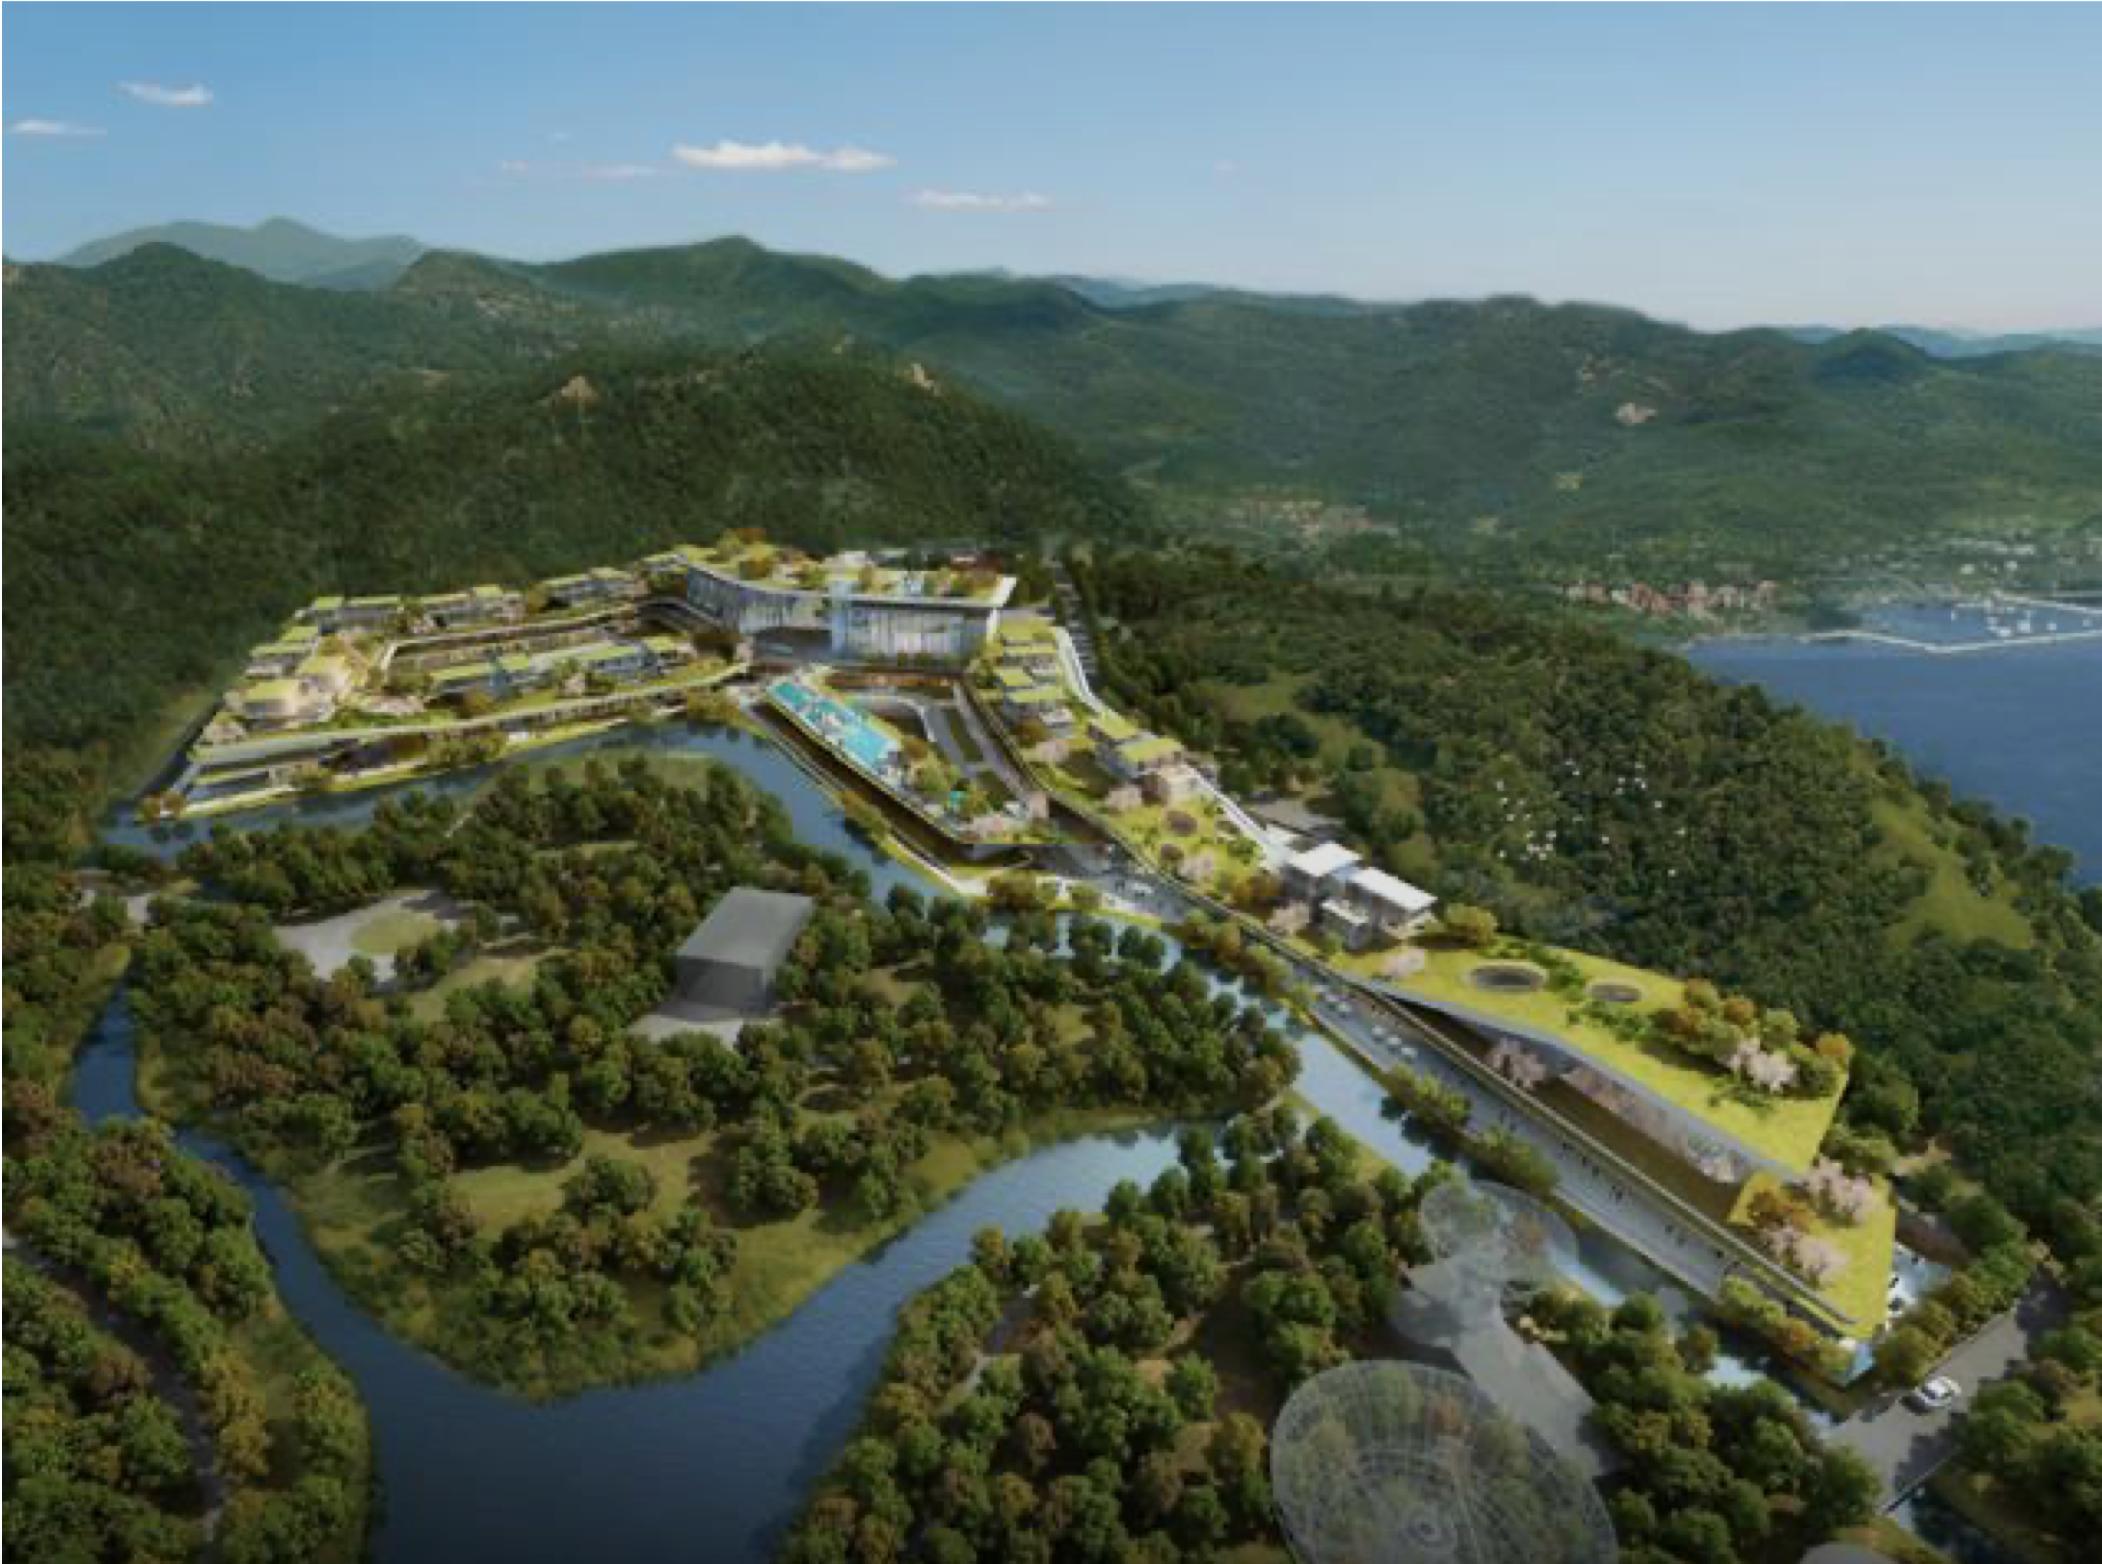 日本大仓酒店集团将在上海佘山开设奢华酒店,预计2024年开业